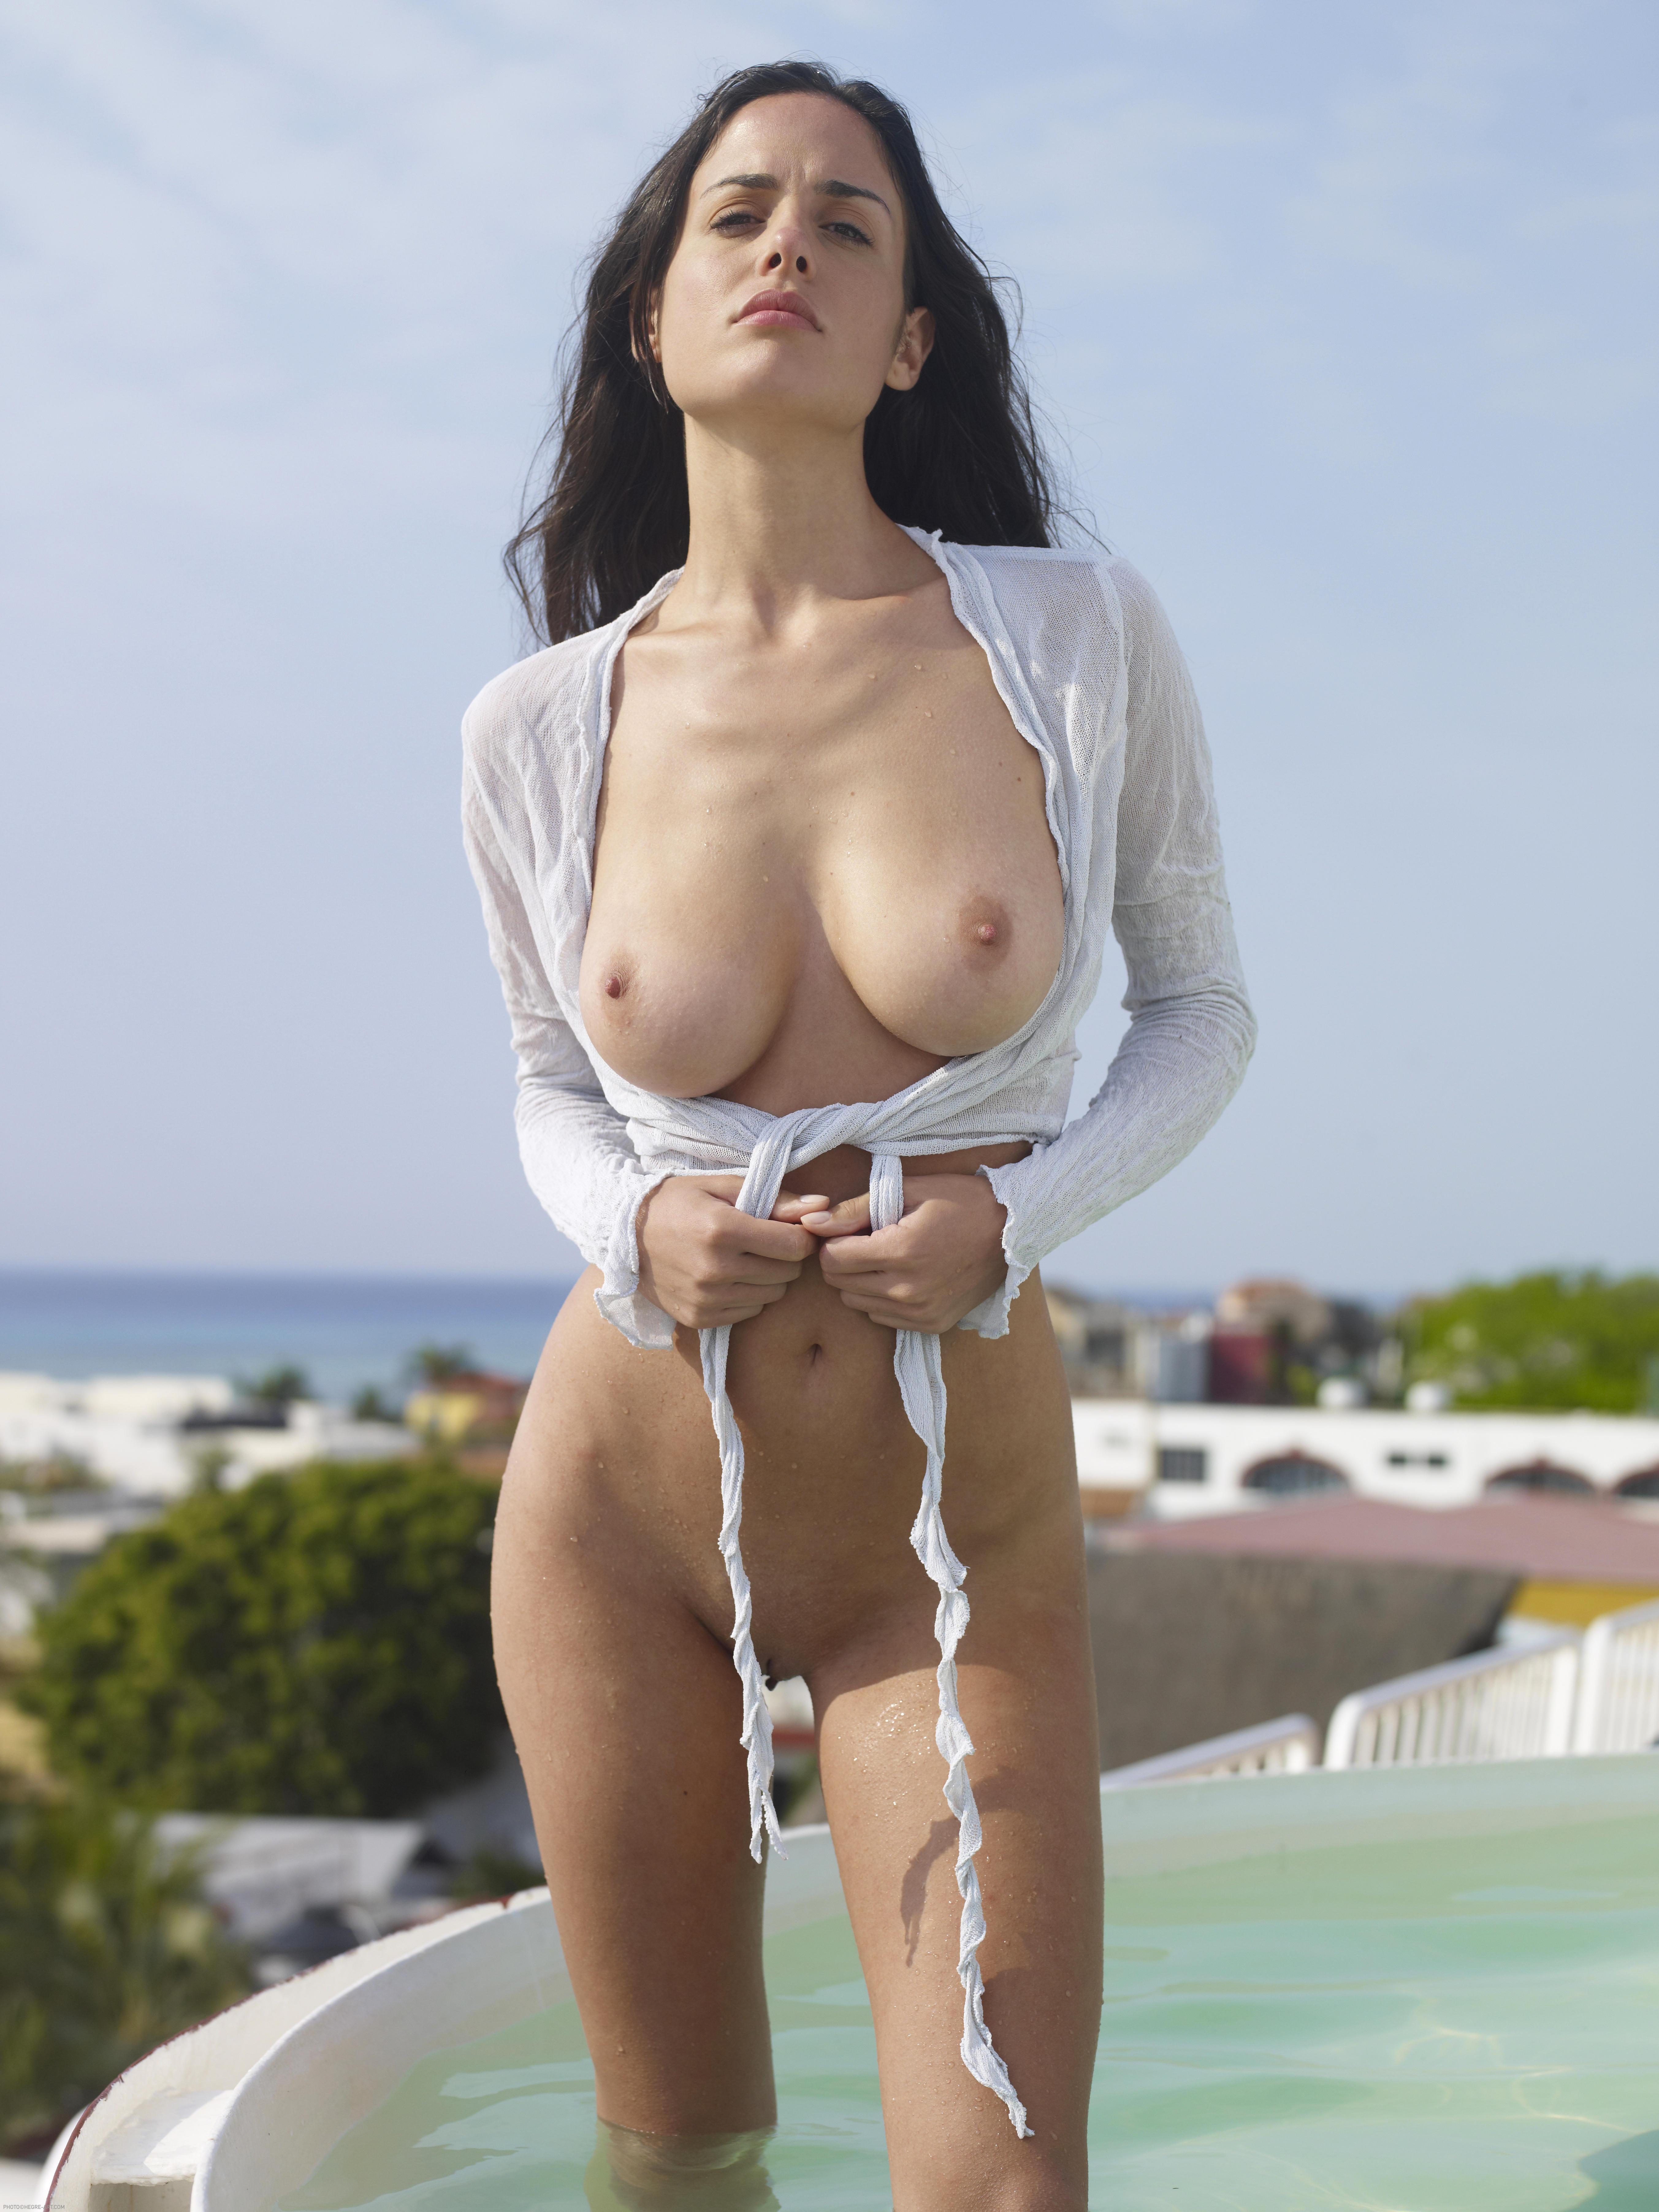 russejenter nakne sandra lyng haugen nakenbilder